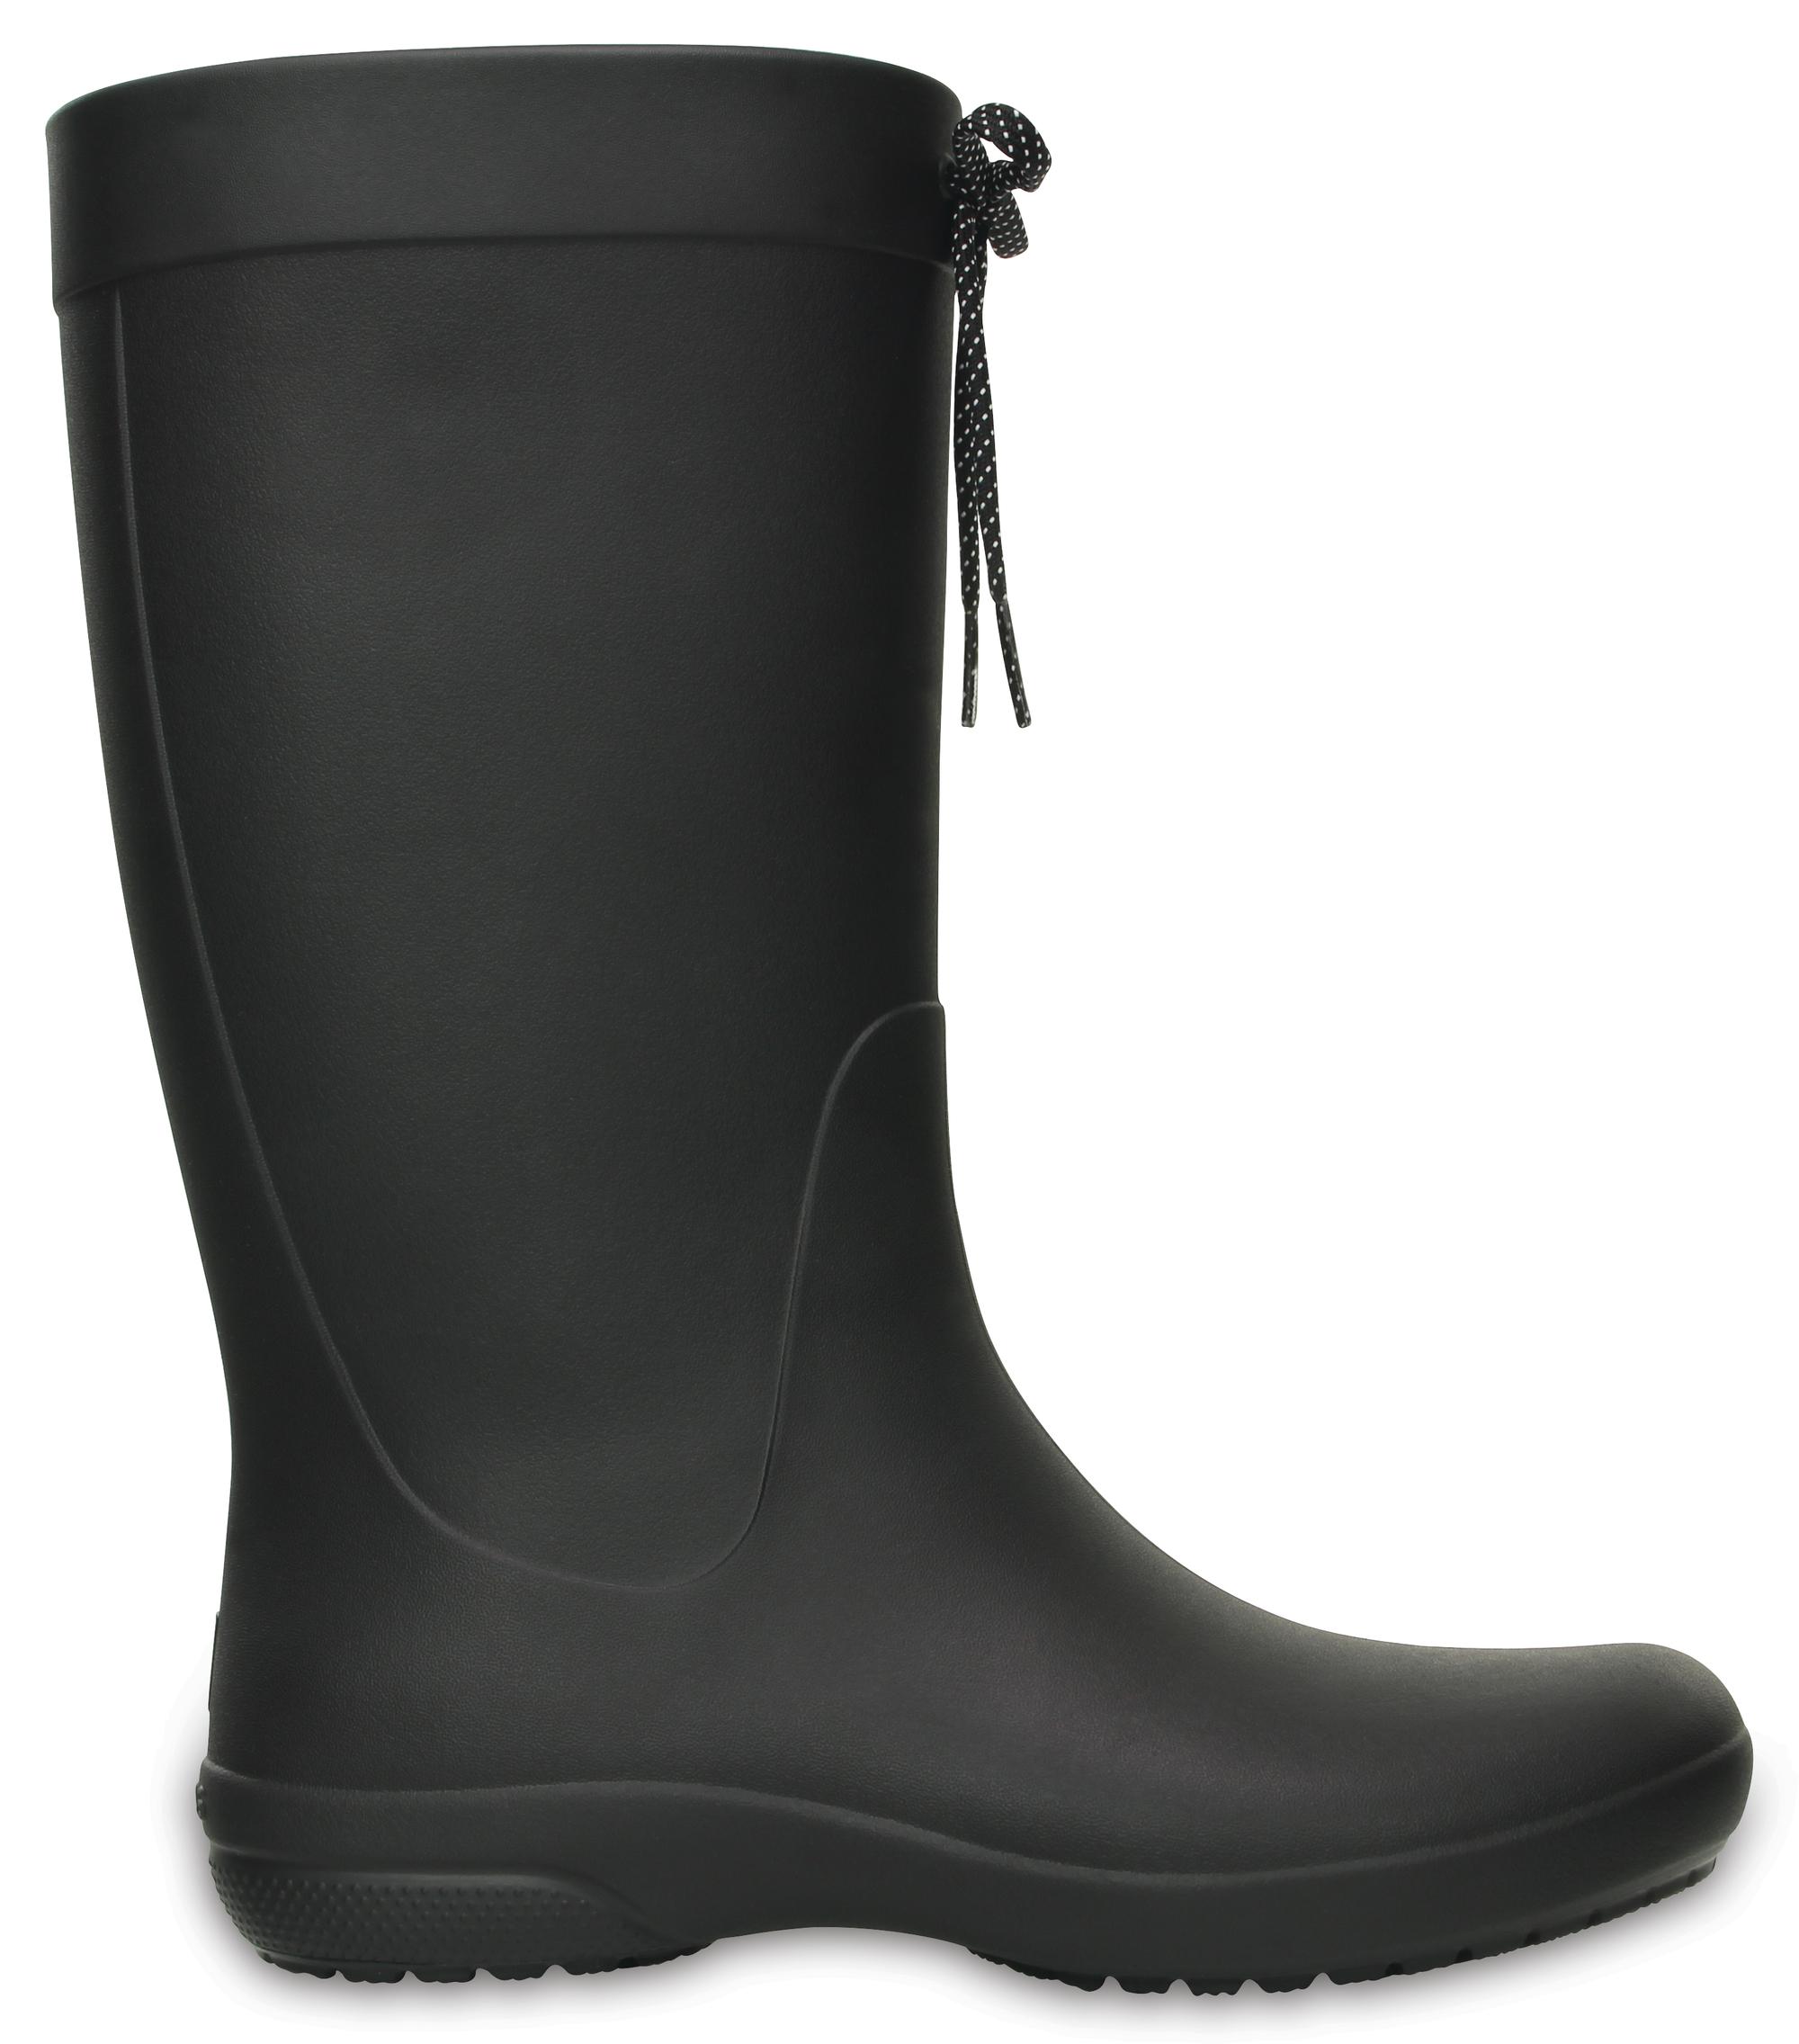 Crocs Crocs Freesail Rain Boot - Black W6 - vel.25 2e870daf6c